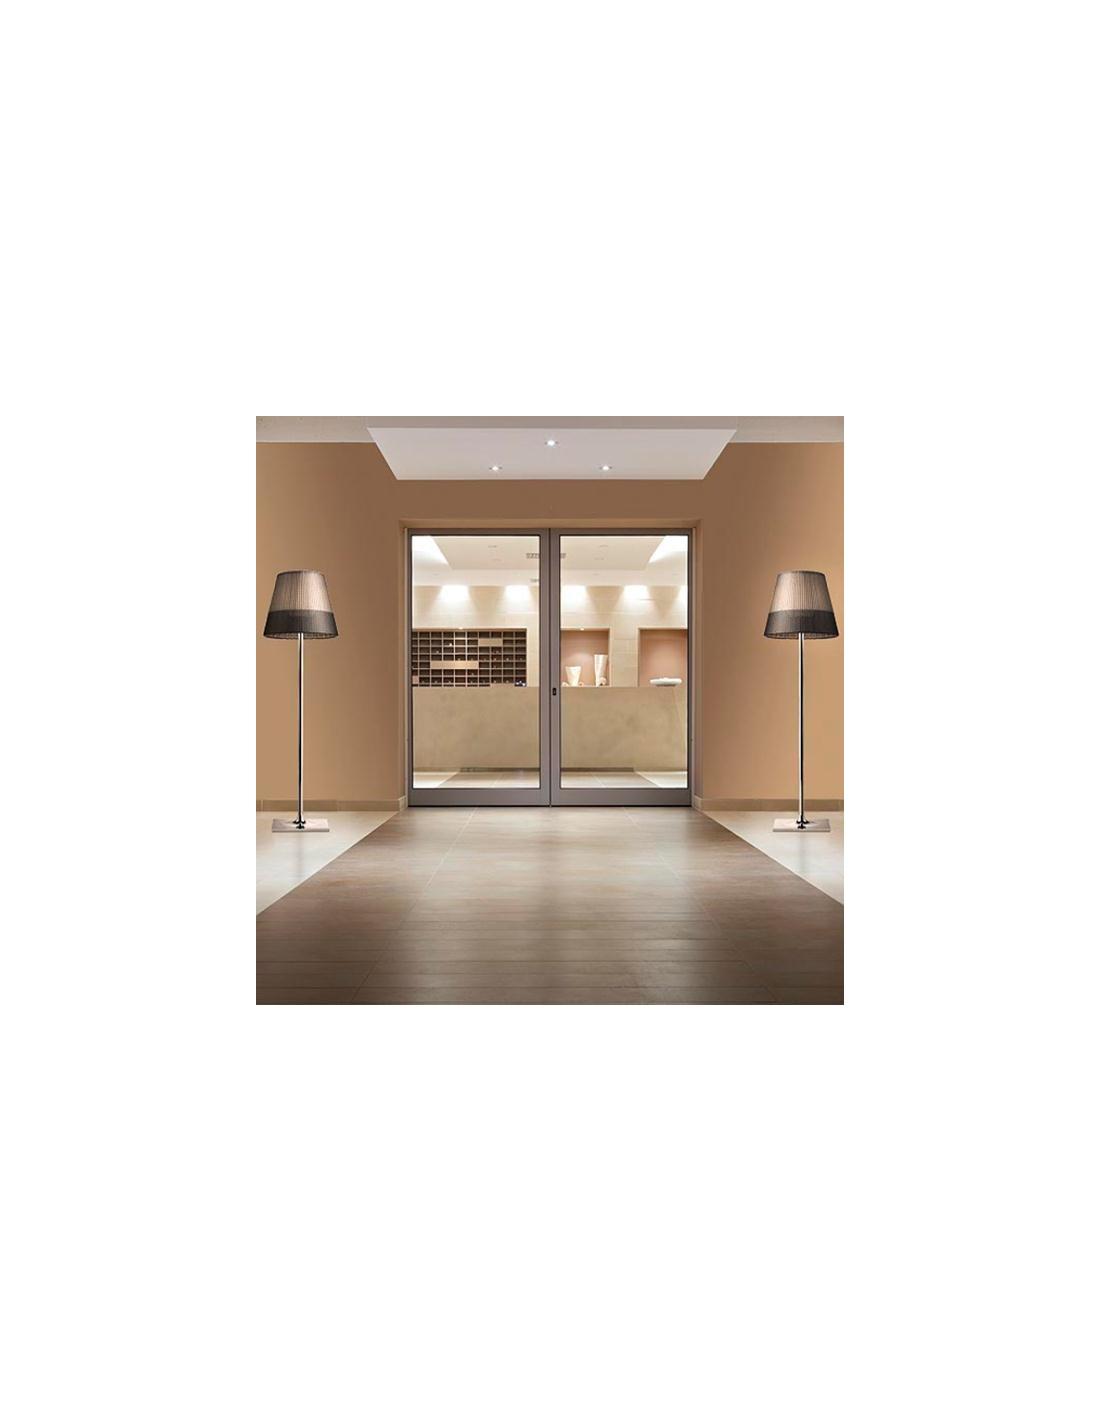 Lampadaire Ktribe F3 Outdoor de Philippe Starck pour flos chez Valente Design